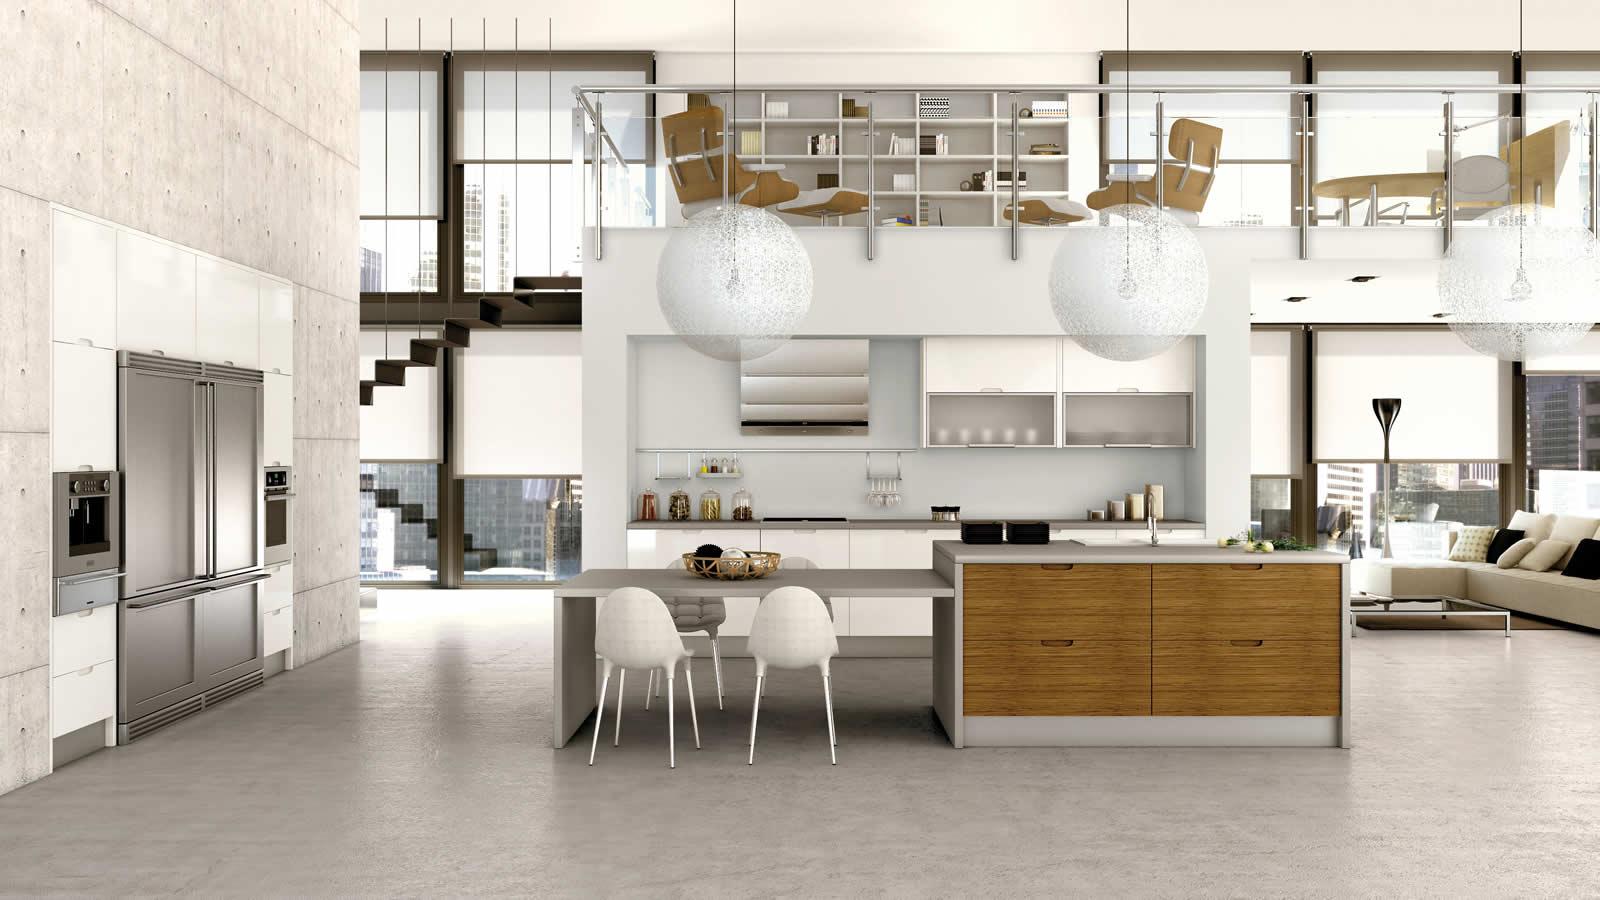 Muebles de cocina en lacado blanco y madera - Cocina de madera moderna ...